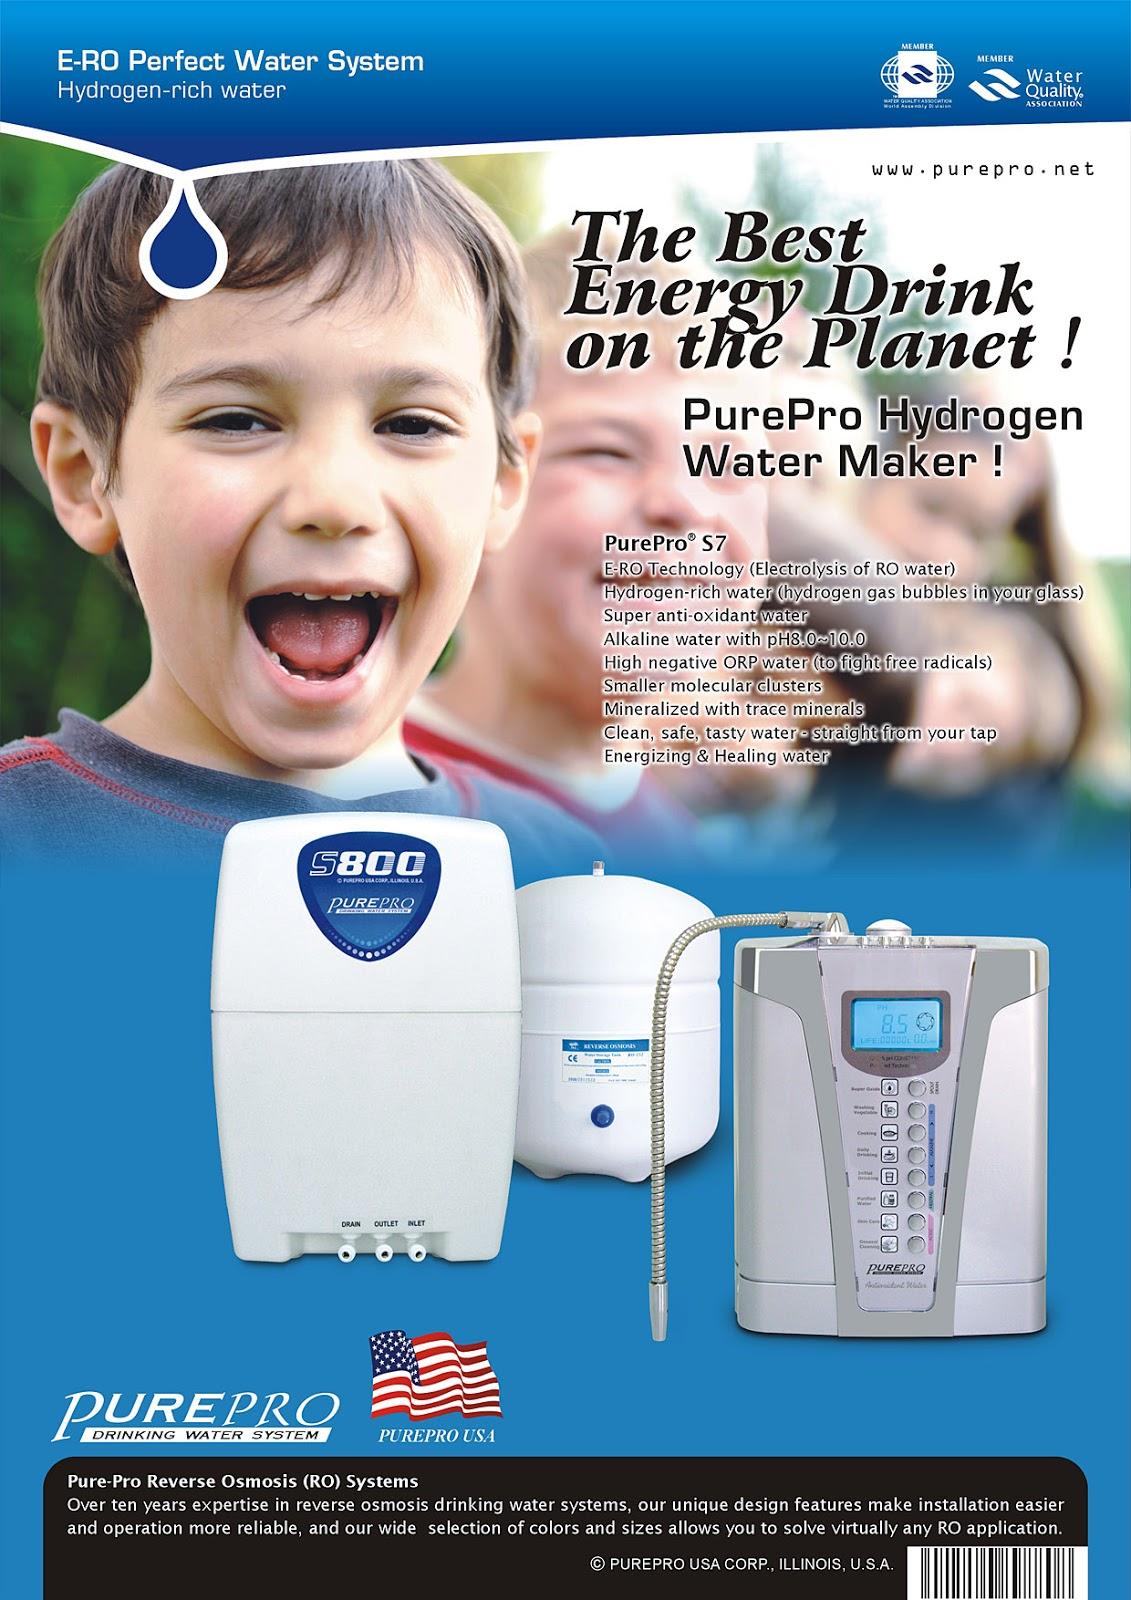 美國 ERO 氫水機 PurePro® S7 完美水系統 :   頂尖科技的結合 - 美國PurePro®健康還原水